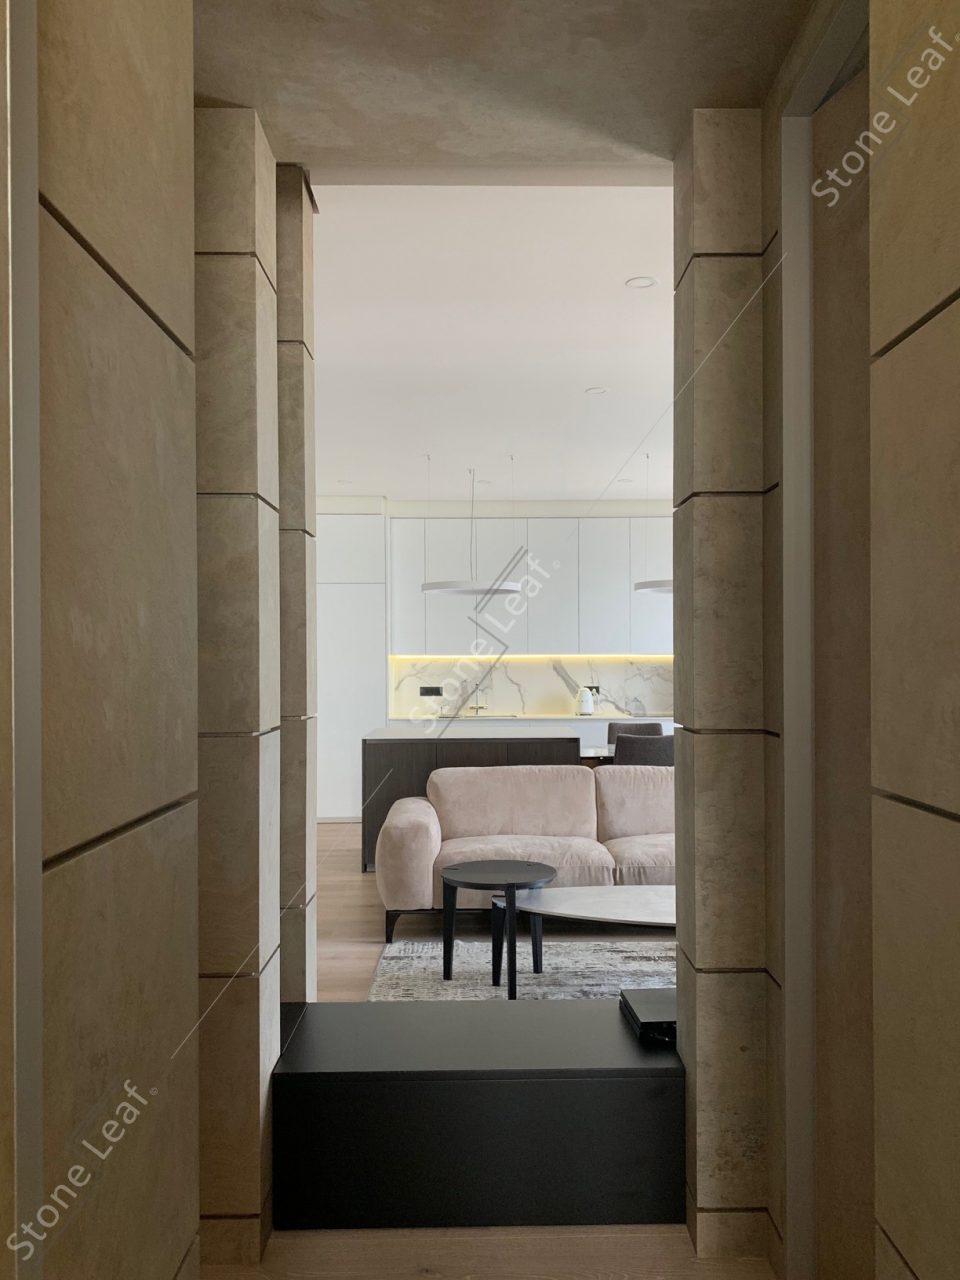 Feuille de pierre 100% naturelle dans un couloir de chambre